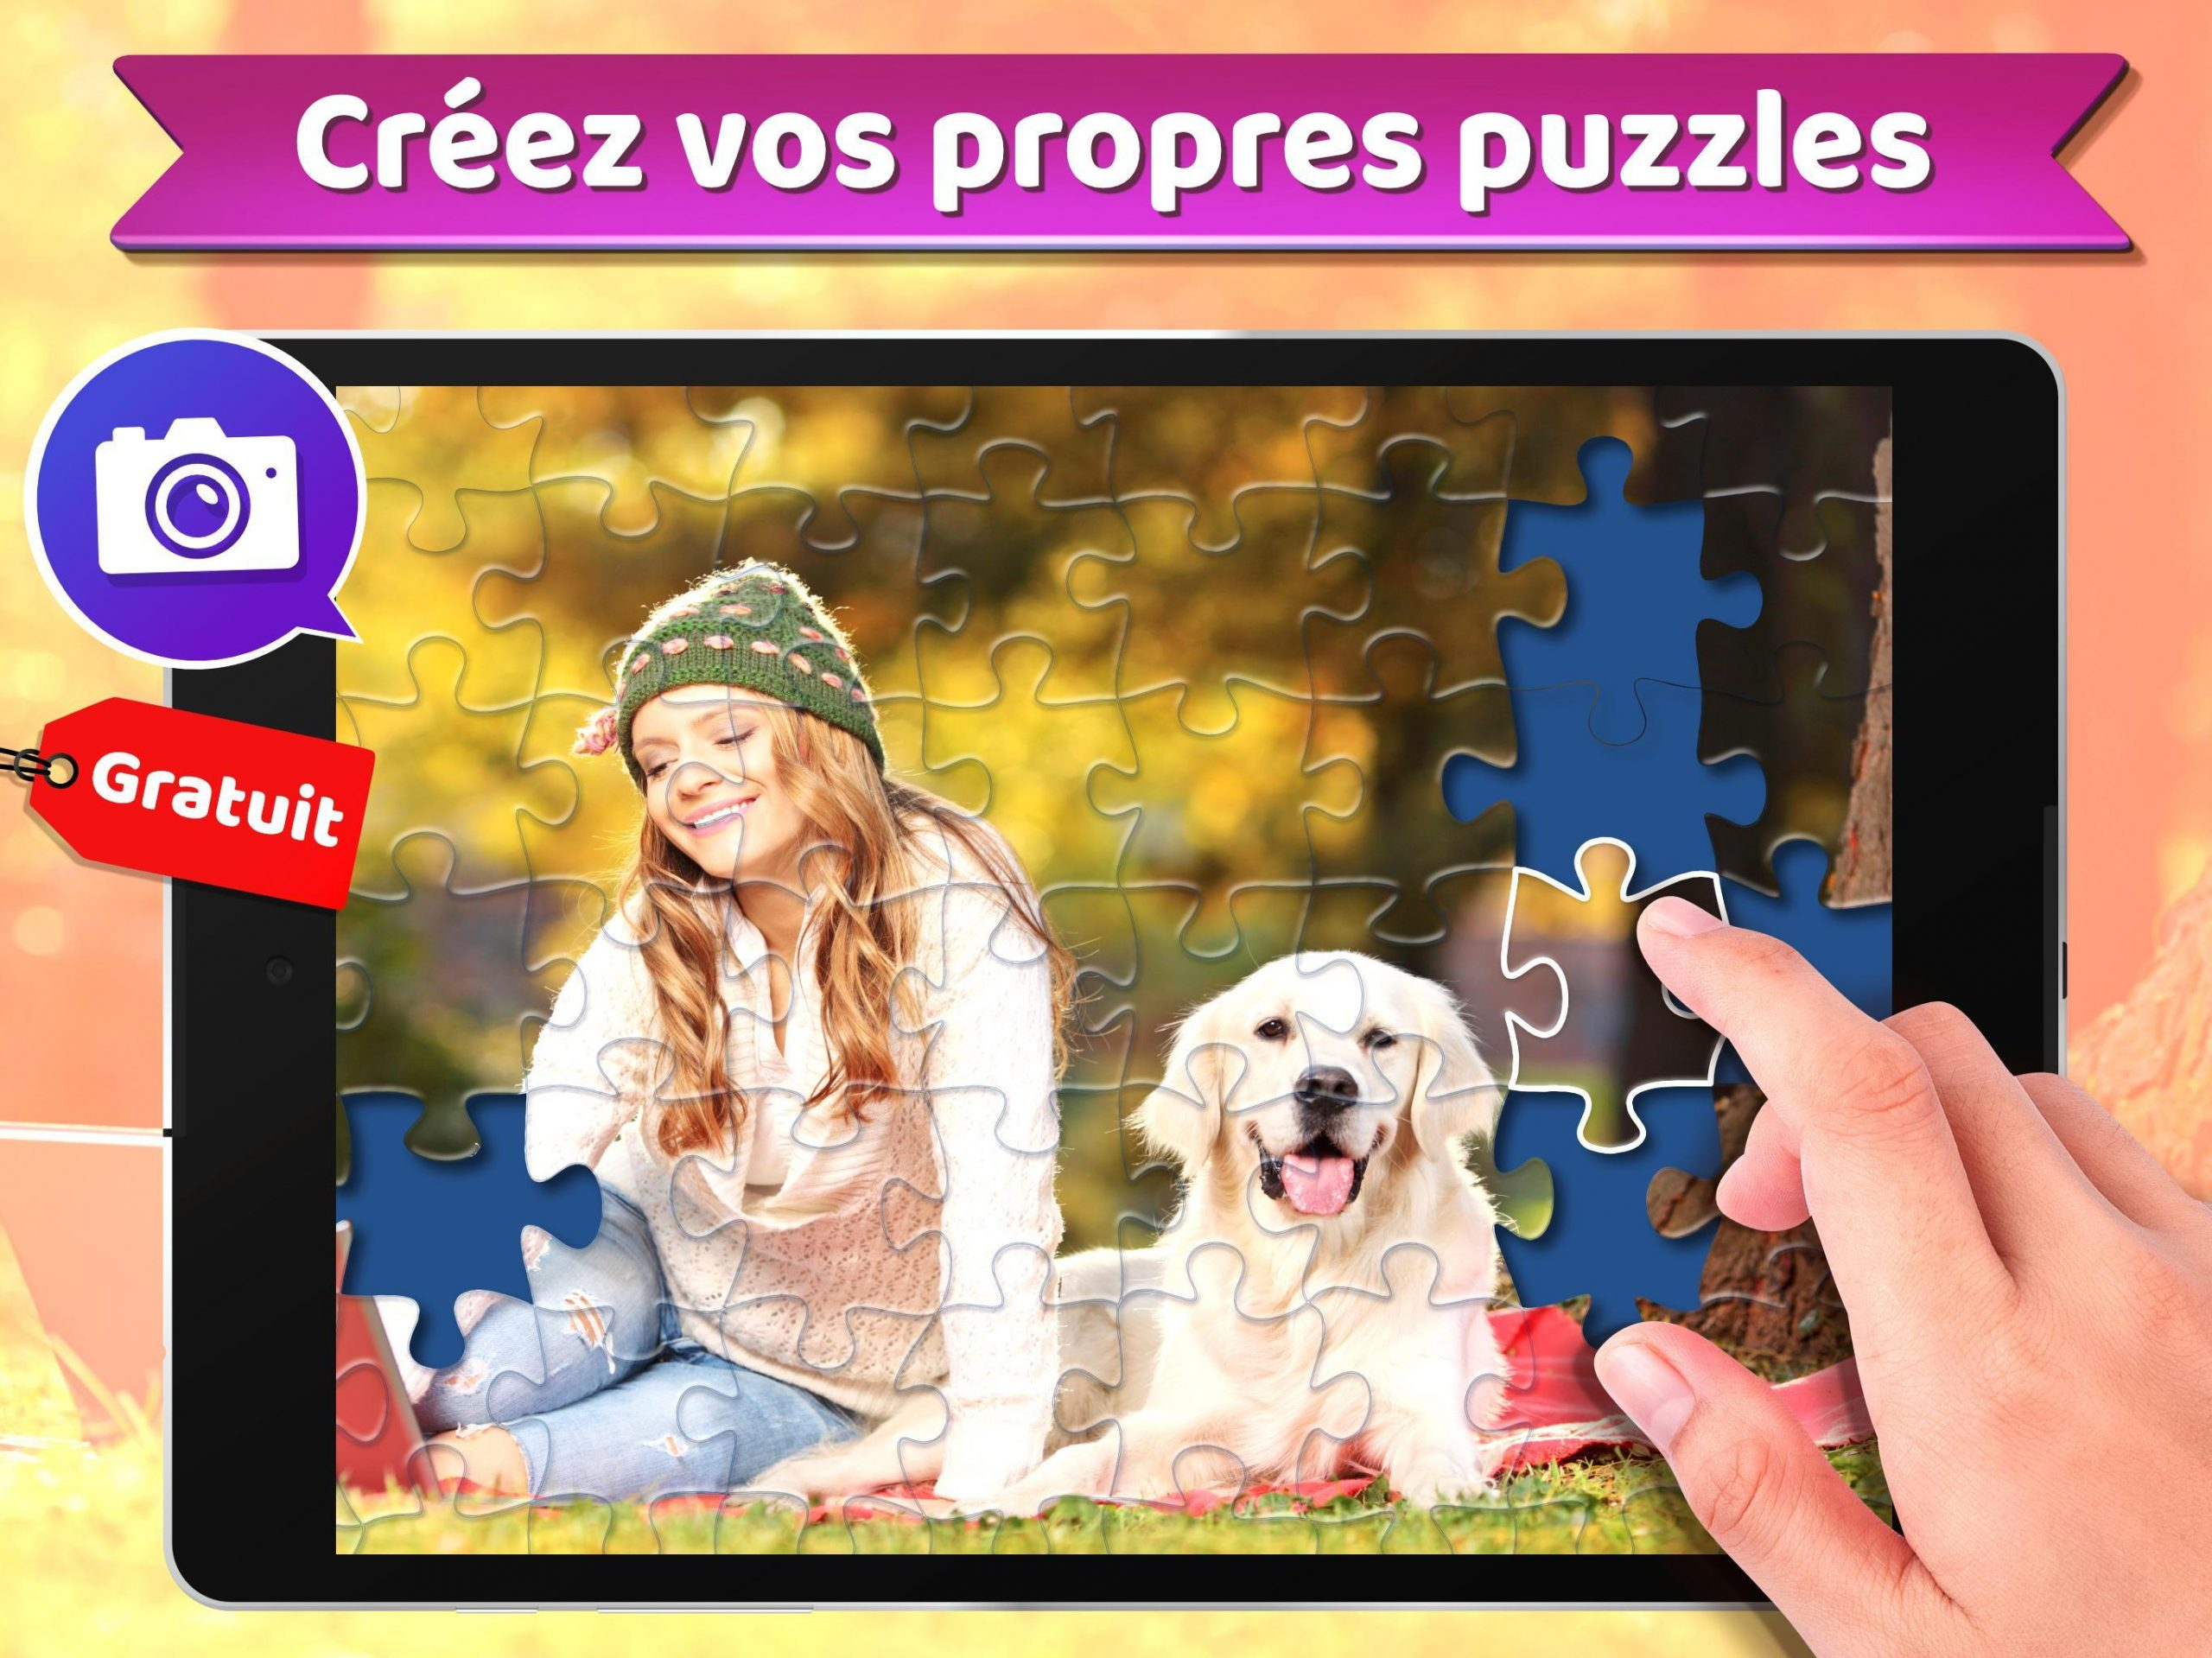 Puzzle 🧩 - Jeux De Puzzle Gratuit Pour Android encequiconcerne Jeu De Puzzl Gratuit